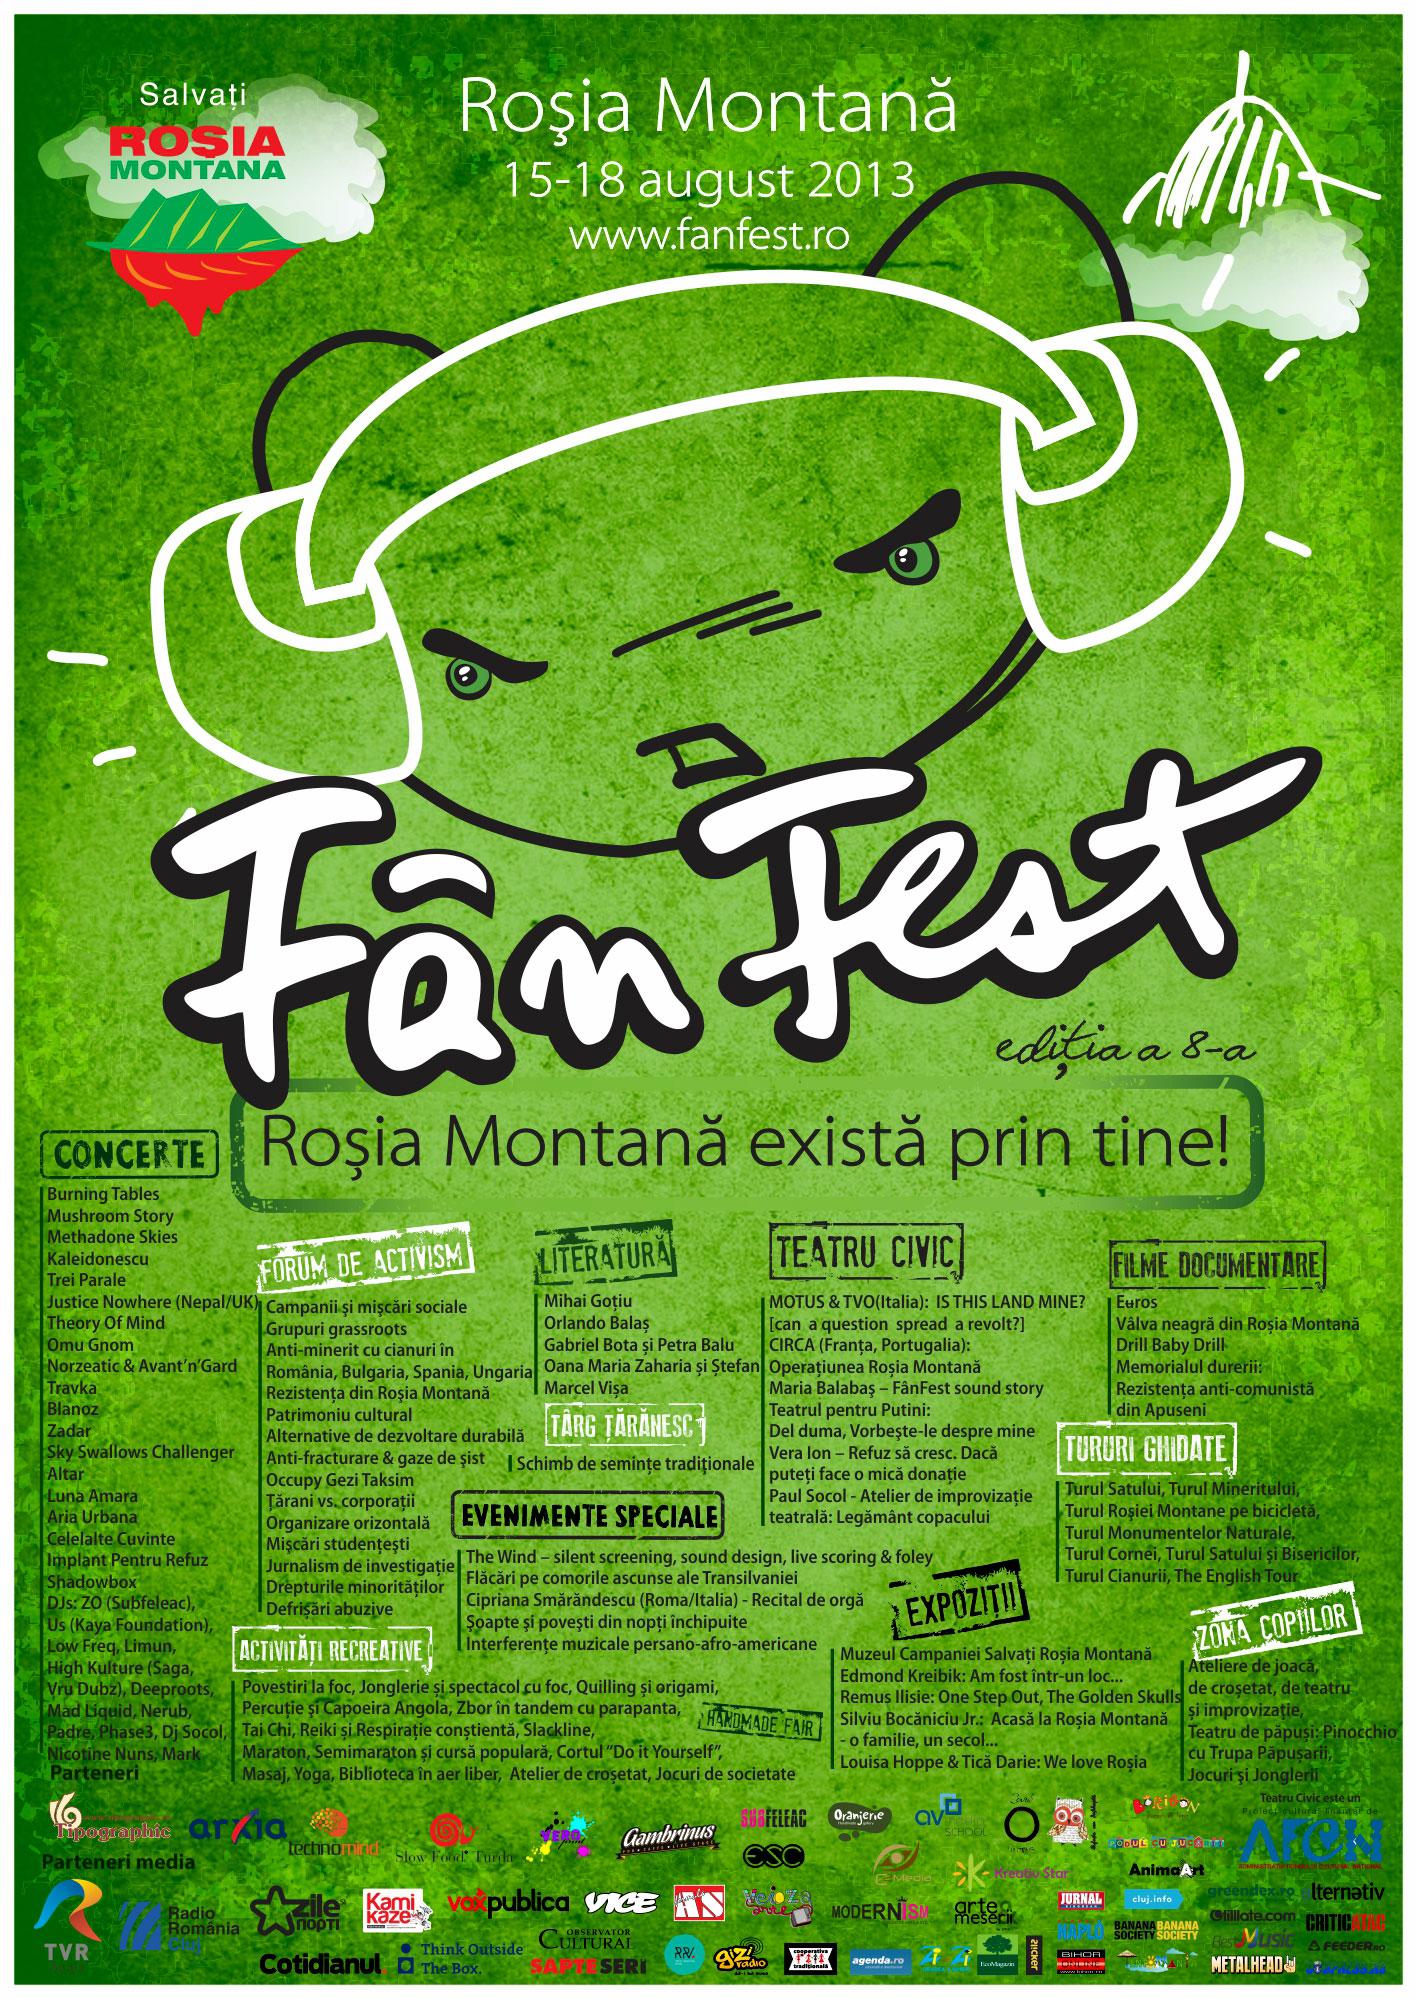 FânFest 2013 anunță patru zile de evenimente culturale la Roșia Montană